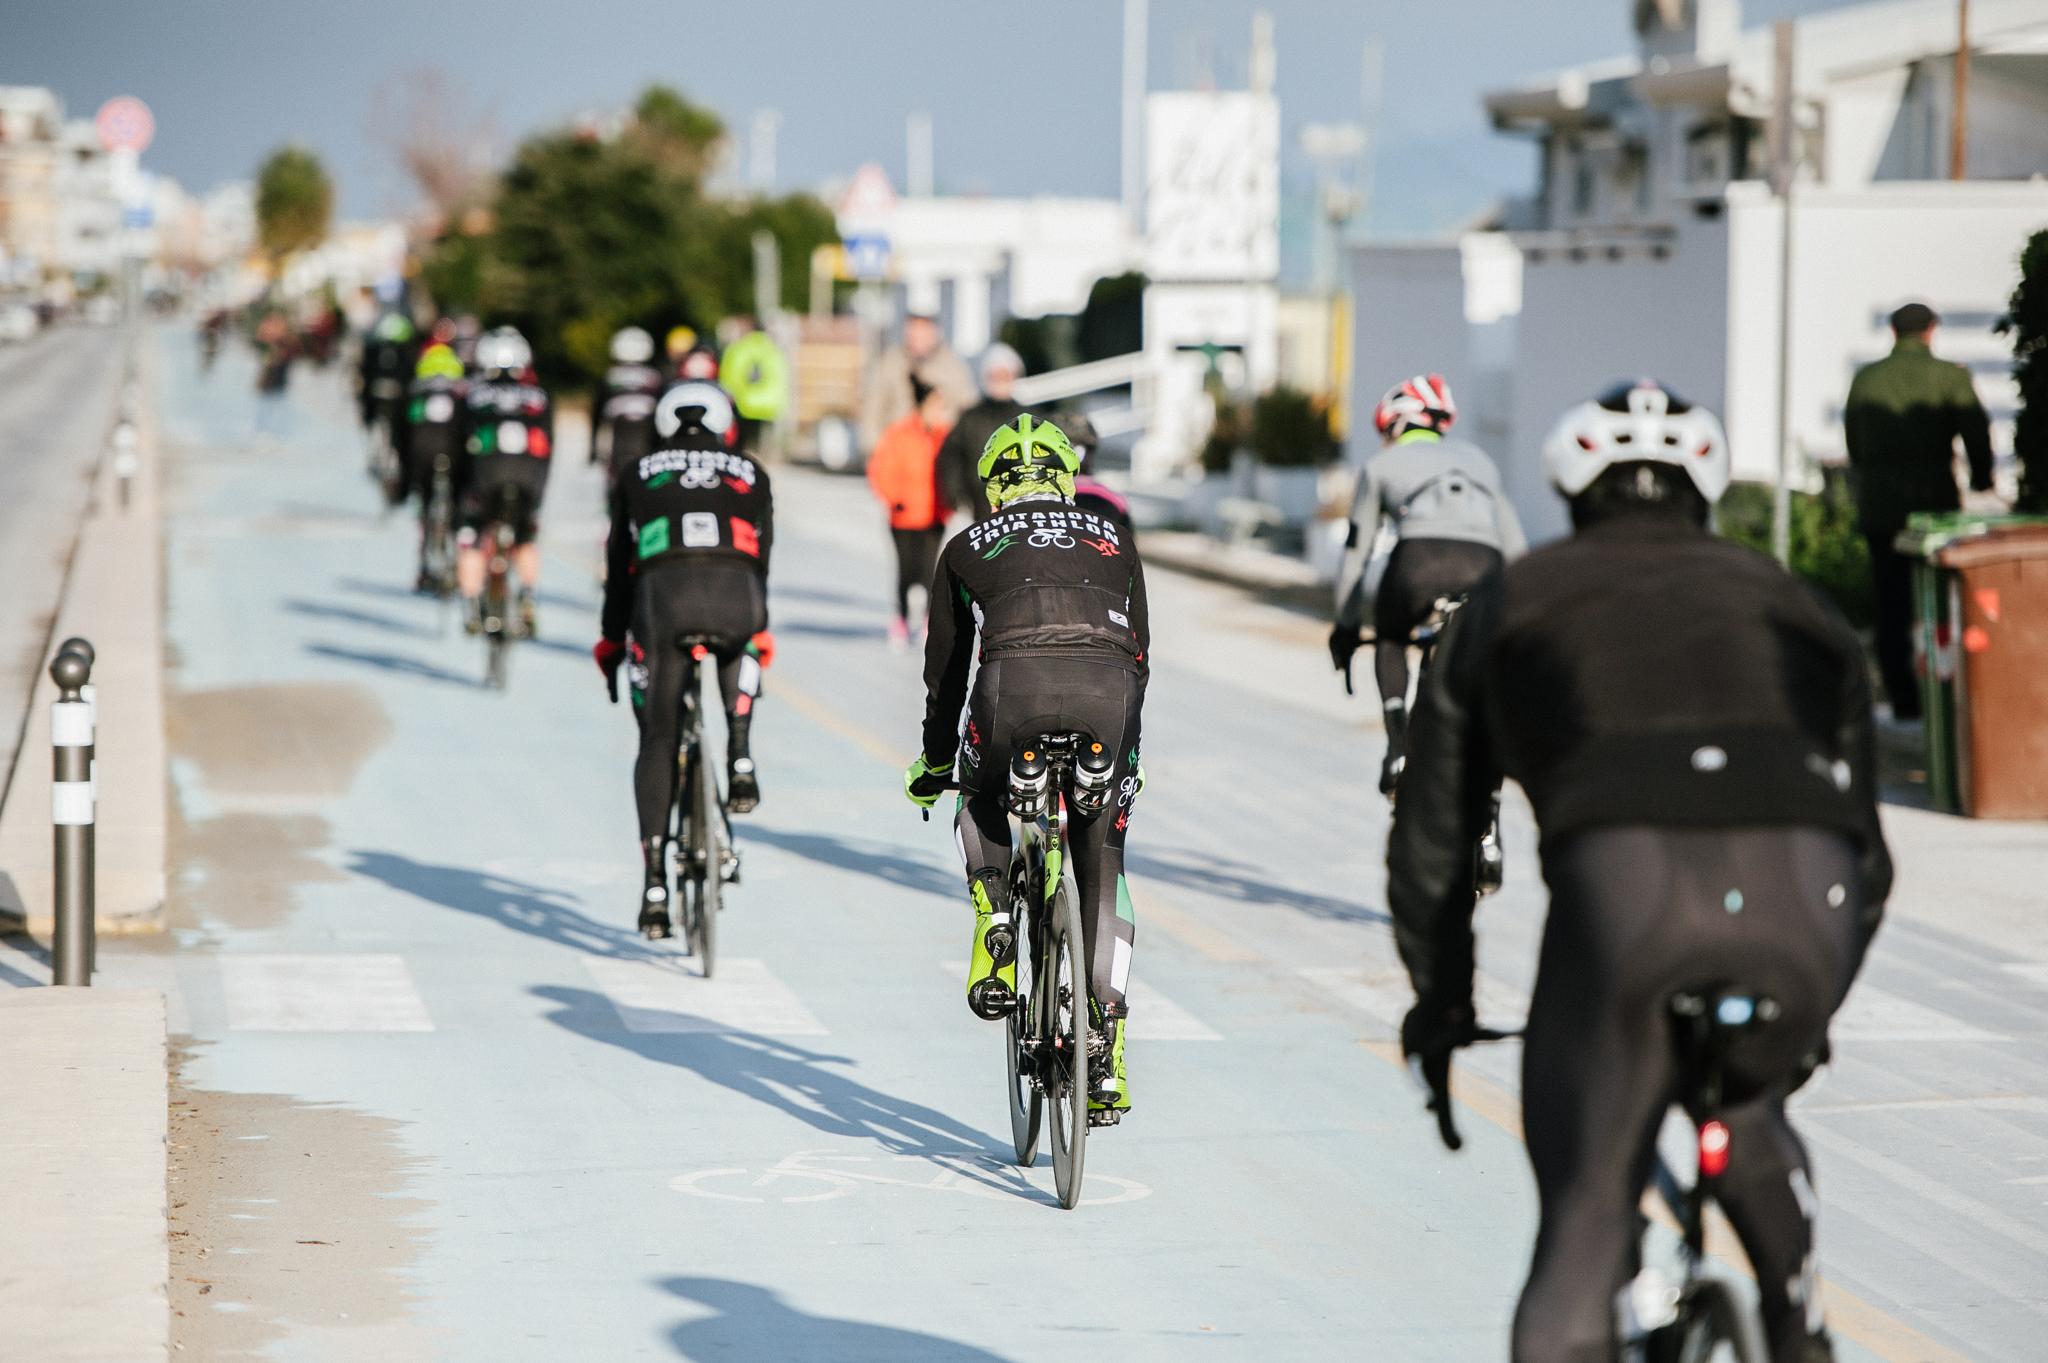 campus-civitanova-triathlon-2023.jpg